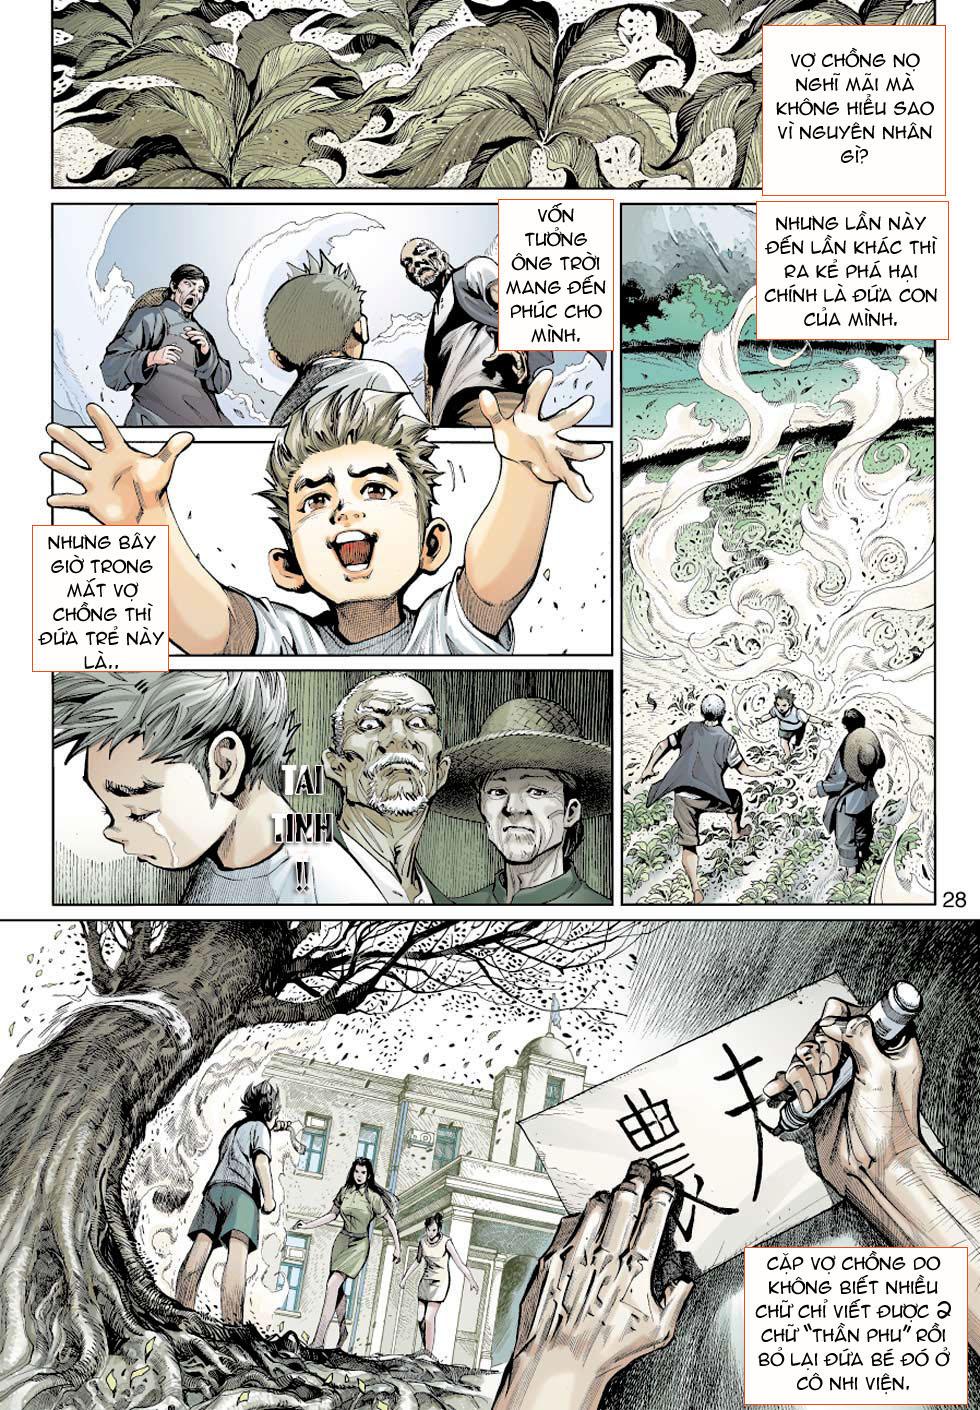 Thần Binh 4 chap 5 - Trang 28